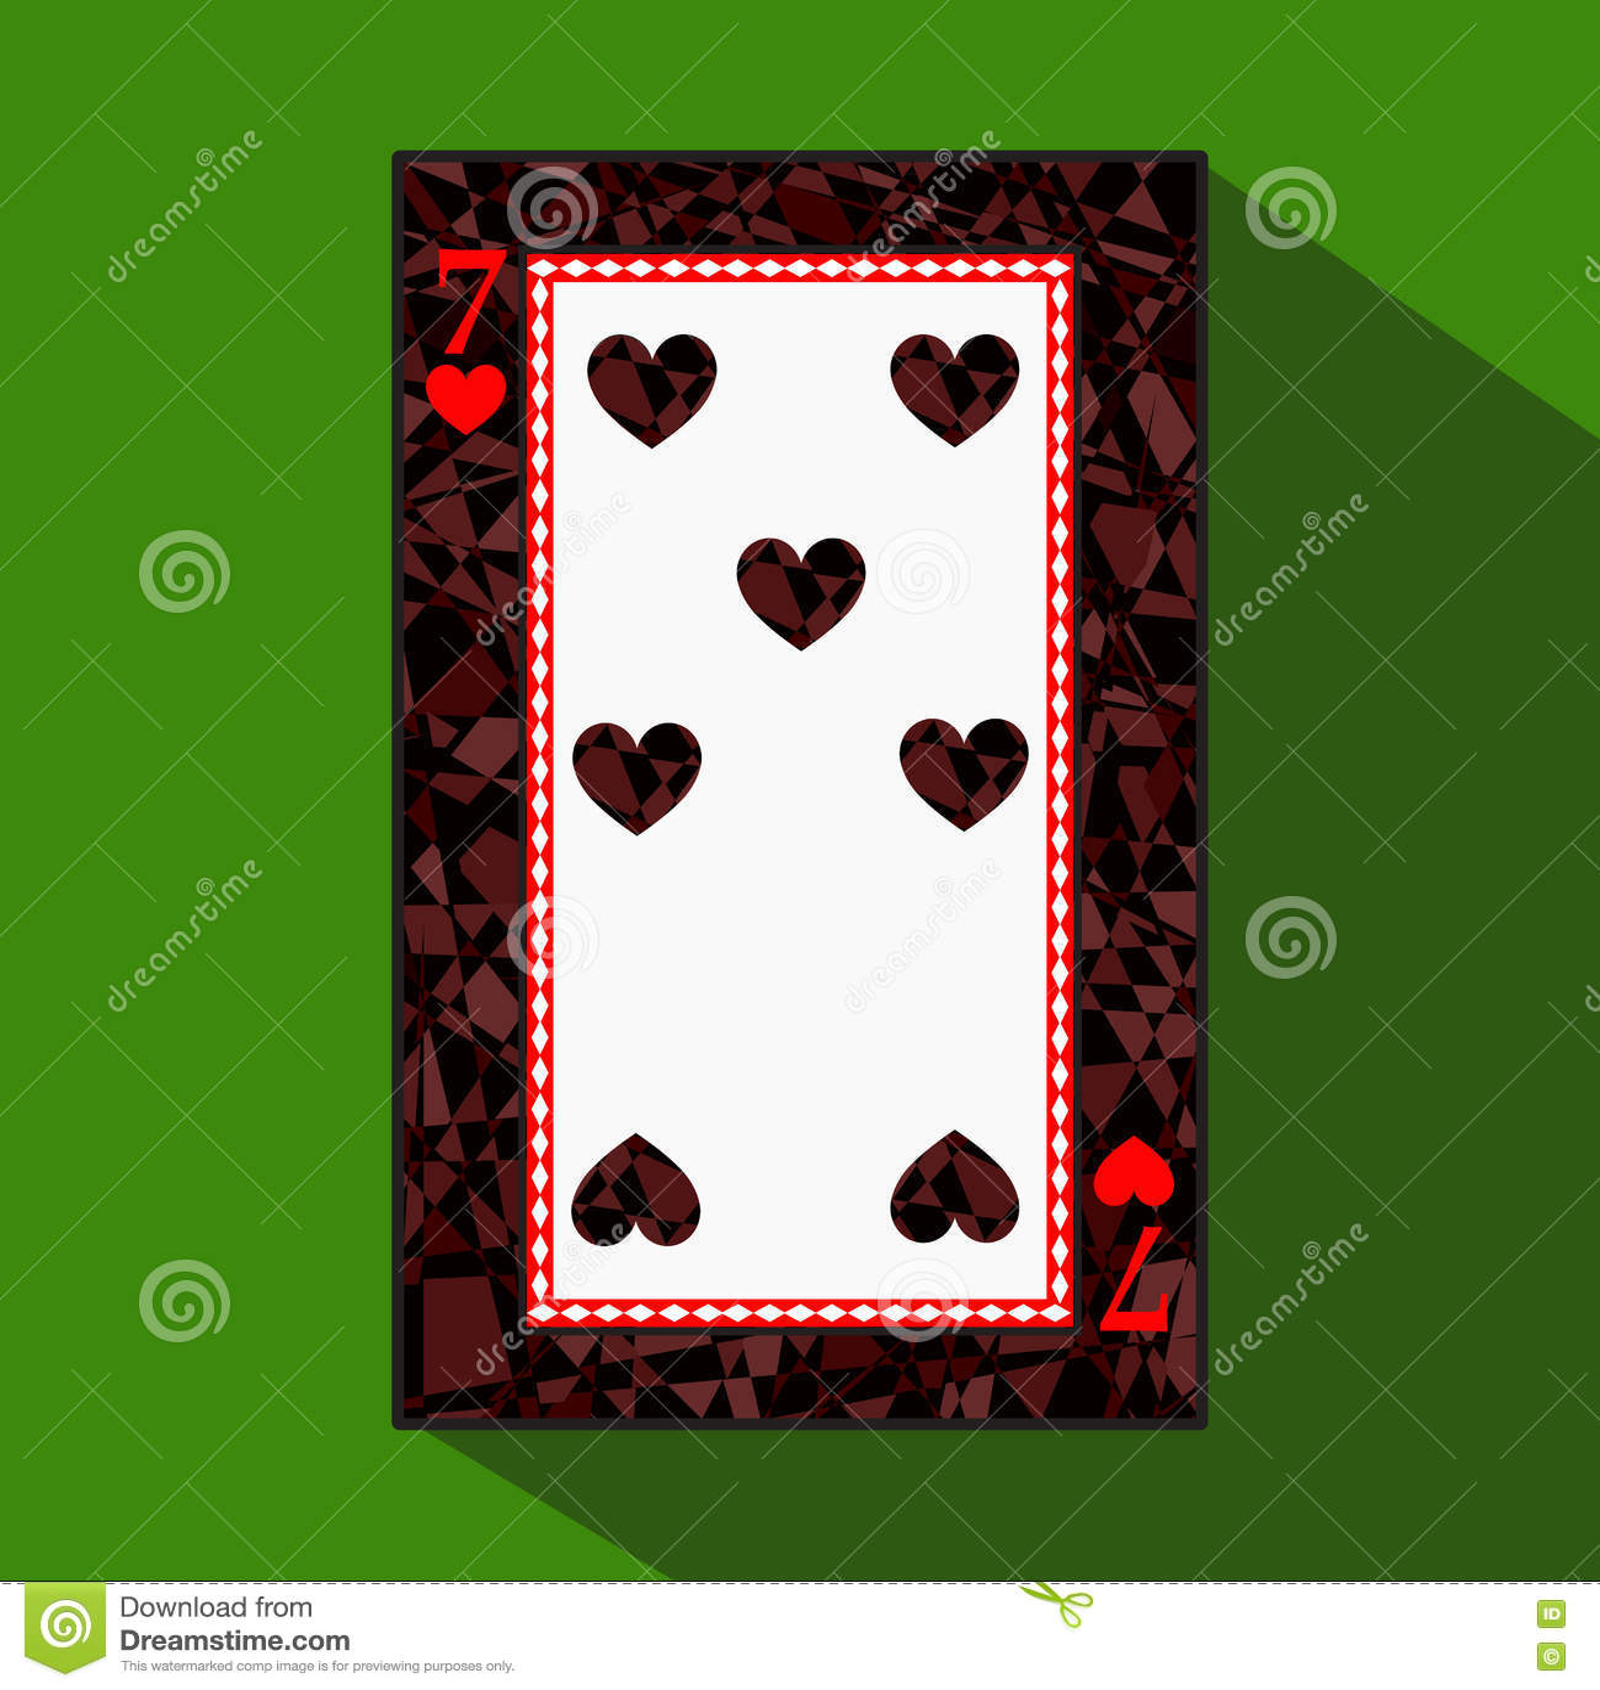 Spela kortet symbolsbilden är lätt HJÄRTA SJU 7 om mörk regiongräns en illustration på grön bakgrund appli